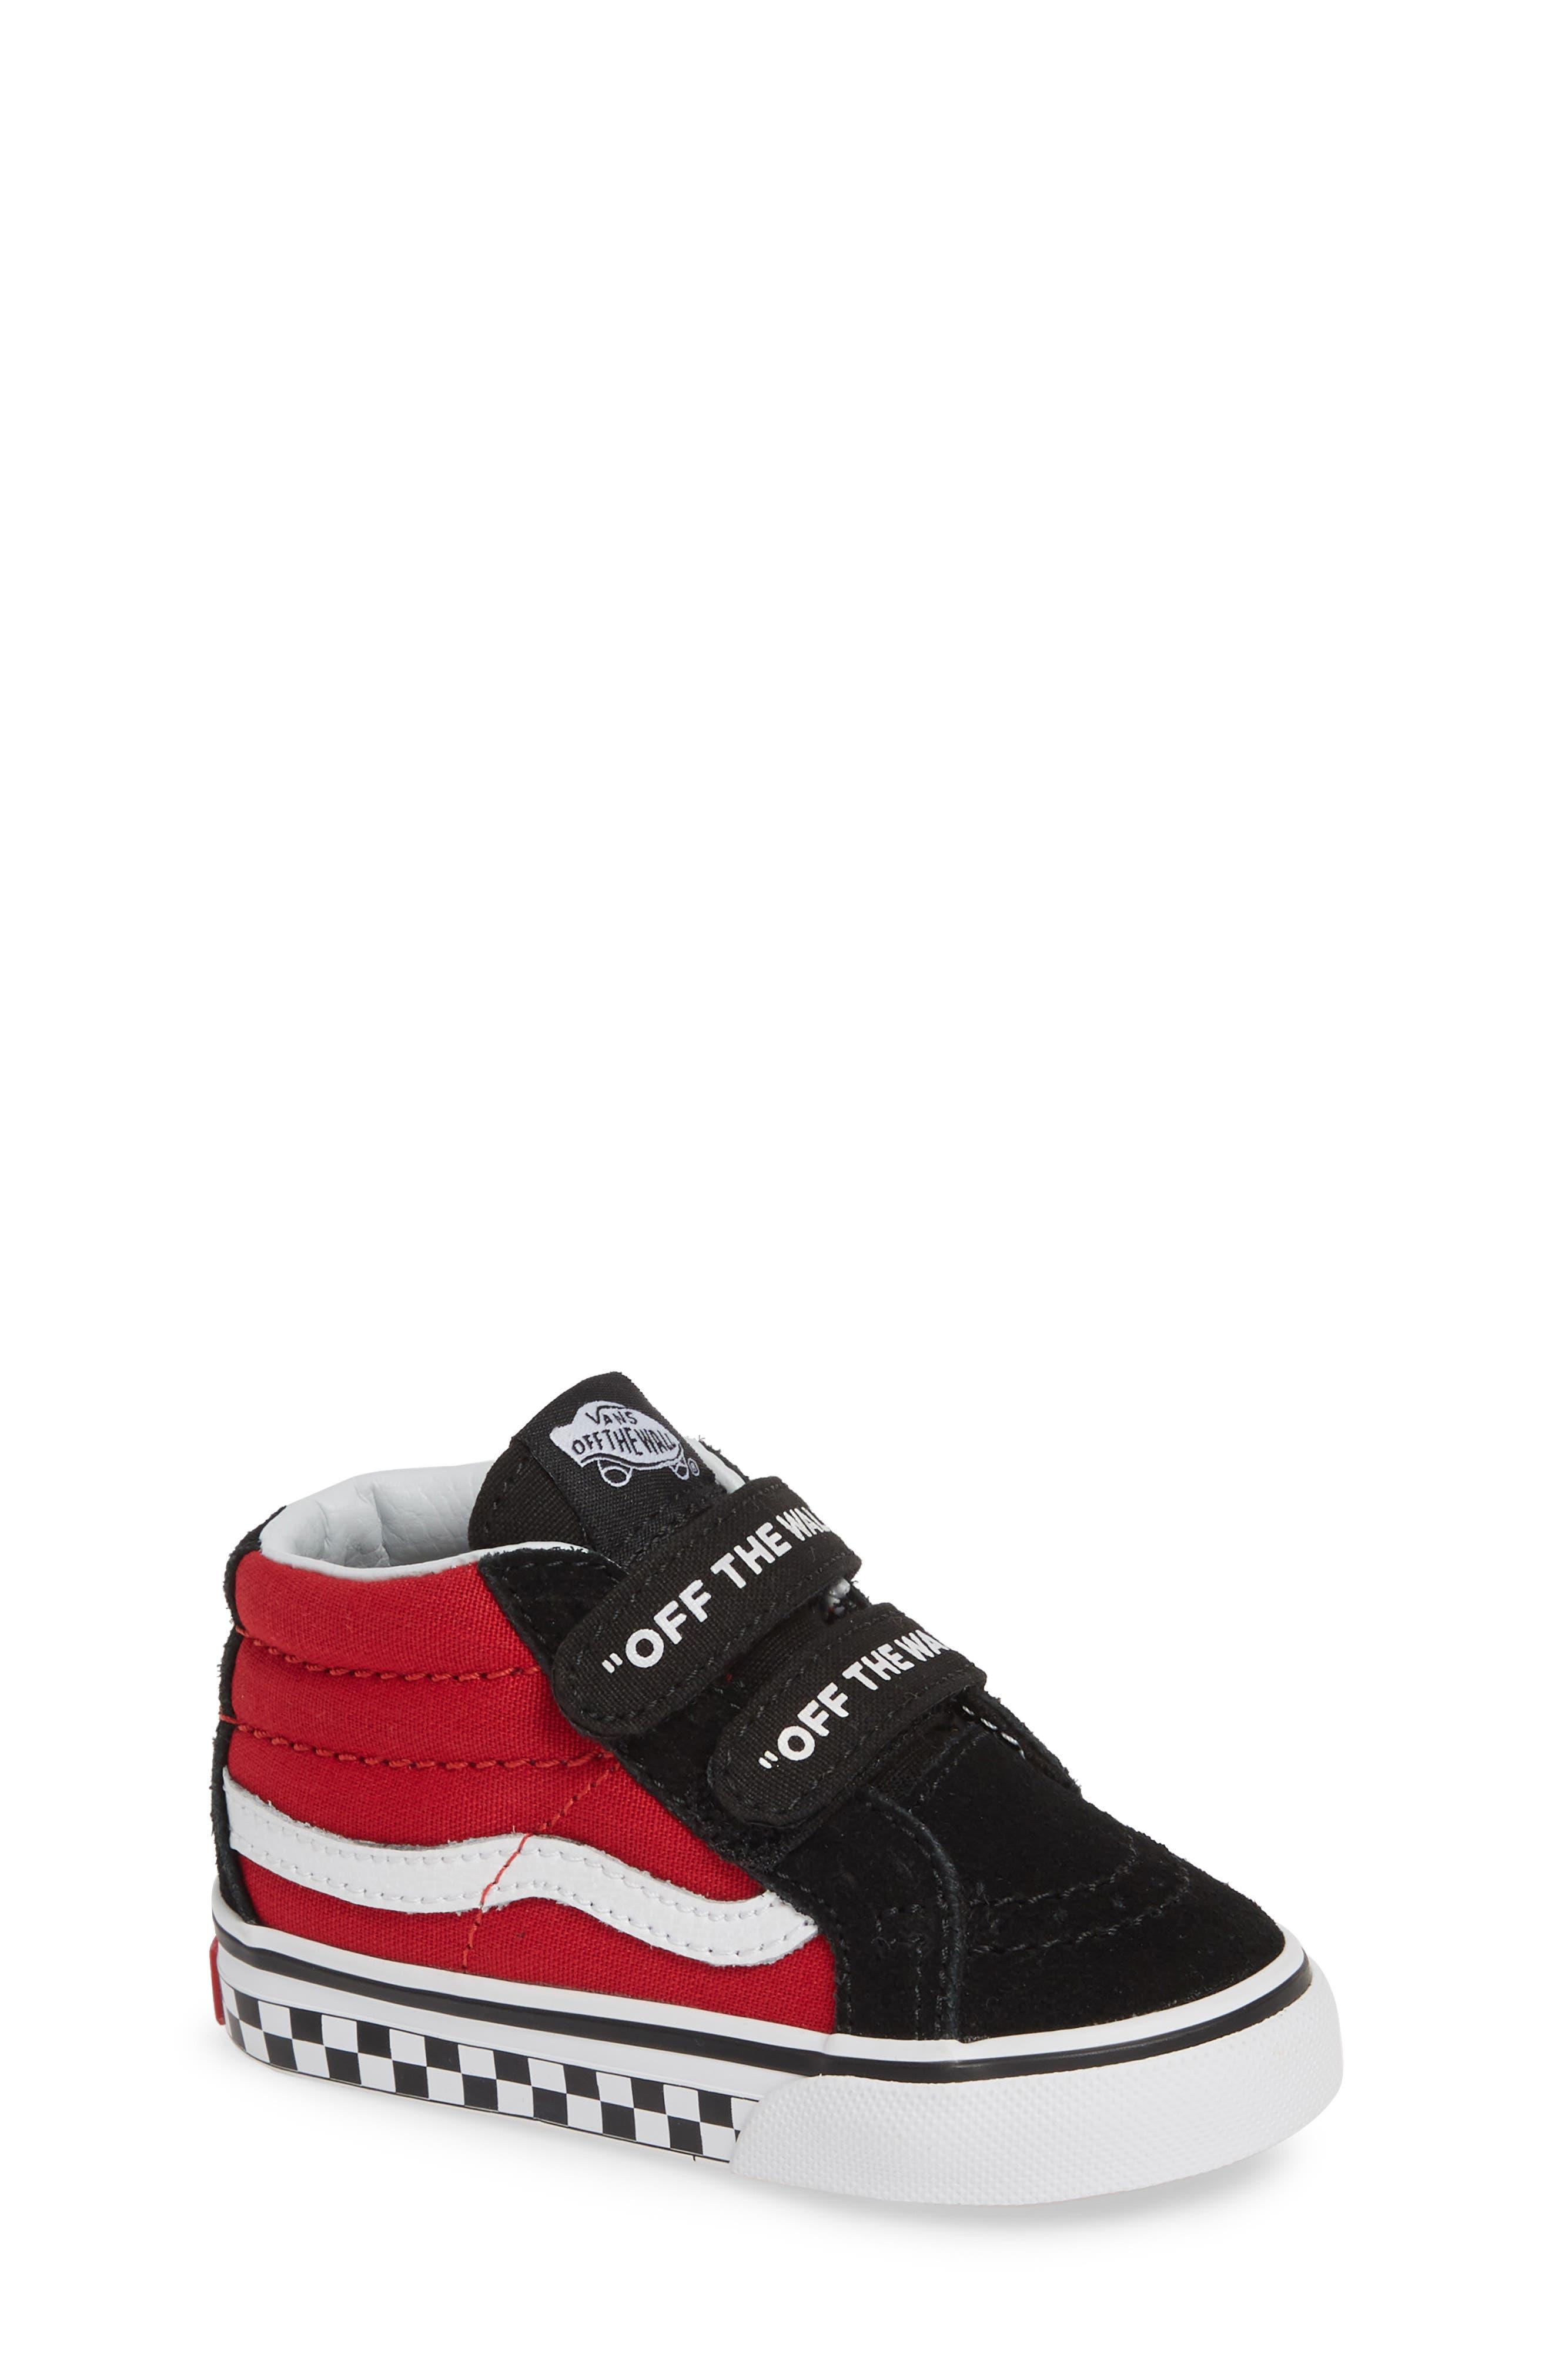 VANS 'Sk8-Mid Reissue' Sneaker, Main, color, BLACK/ RED / WHITE